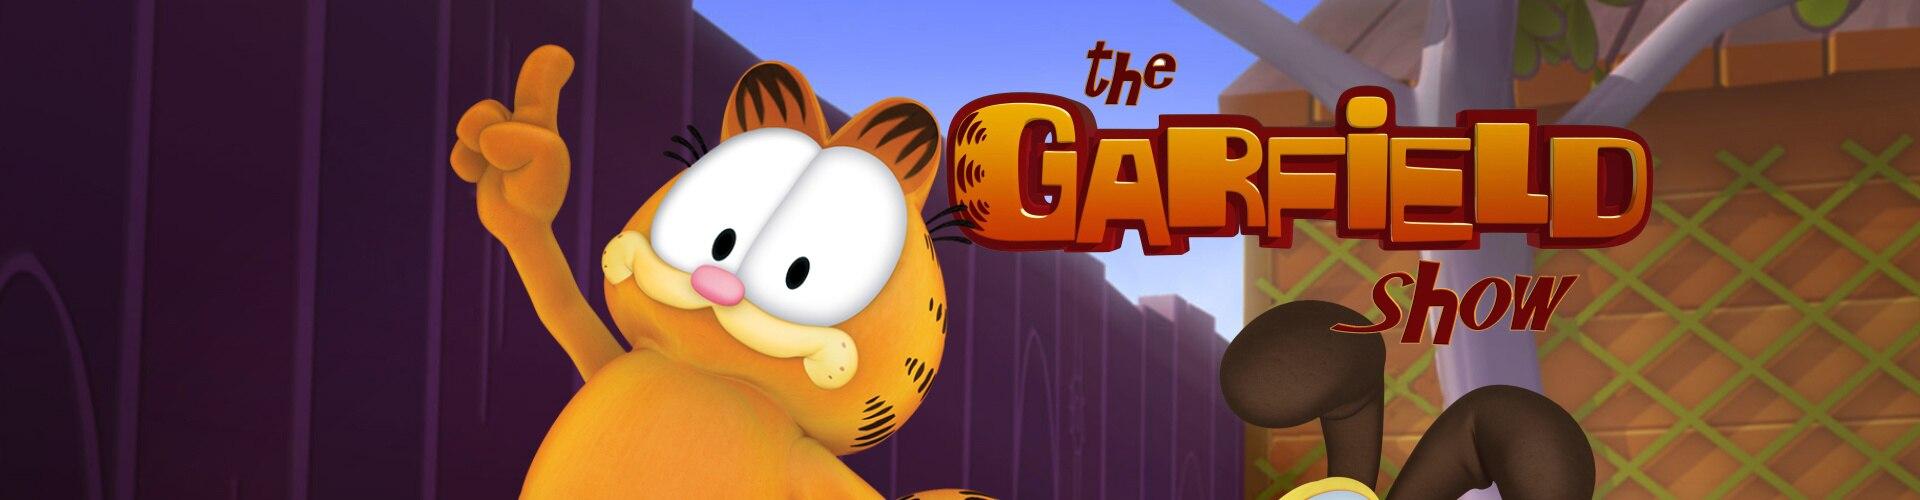 Watch The Garfield Show Online